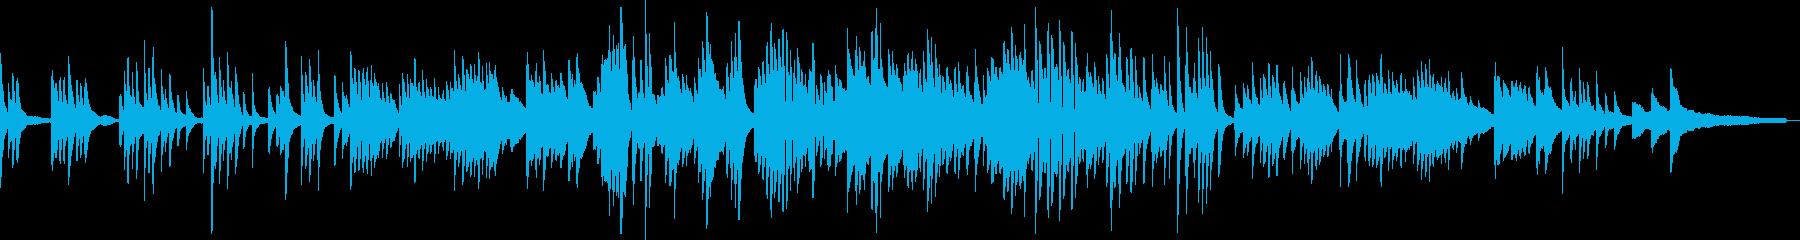 わらべ歌のような和風音楽-ピアノソロの再生済みの波形